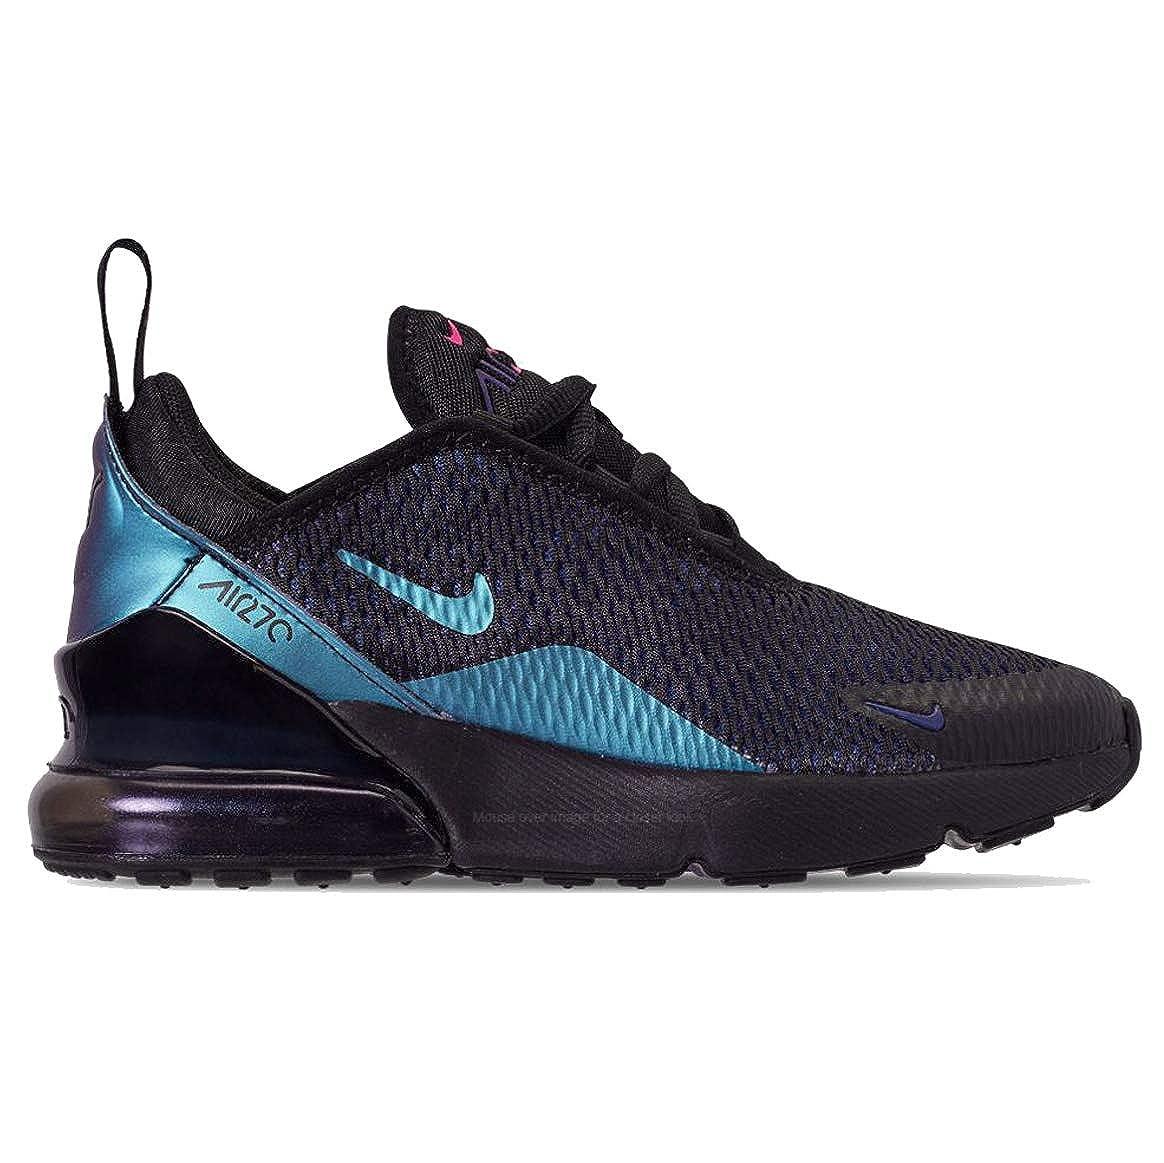 greece nike air max 1 schwarz blau 8e2a3 21214